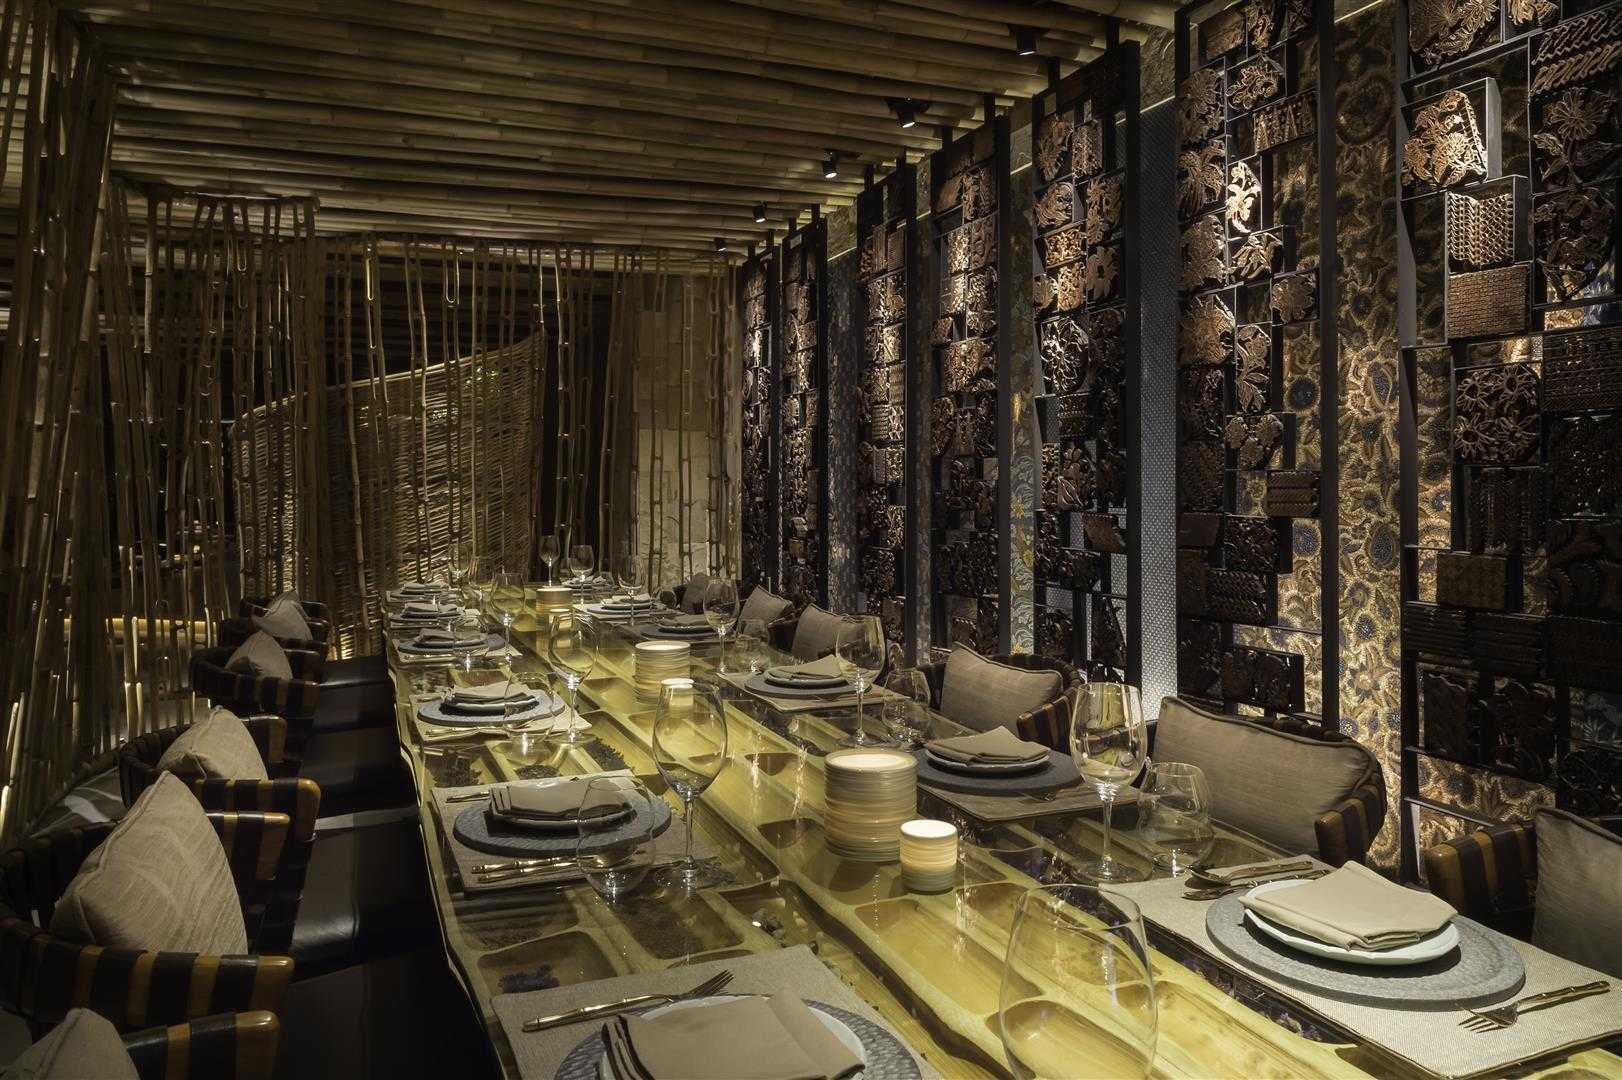 Desain interior ruang makan khusus dengan dominasi bambu (Sumber: arsitag.com)